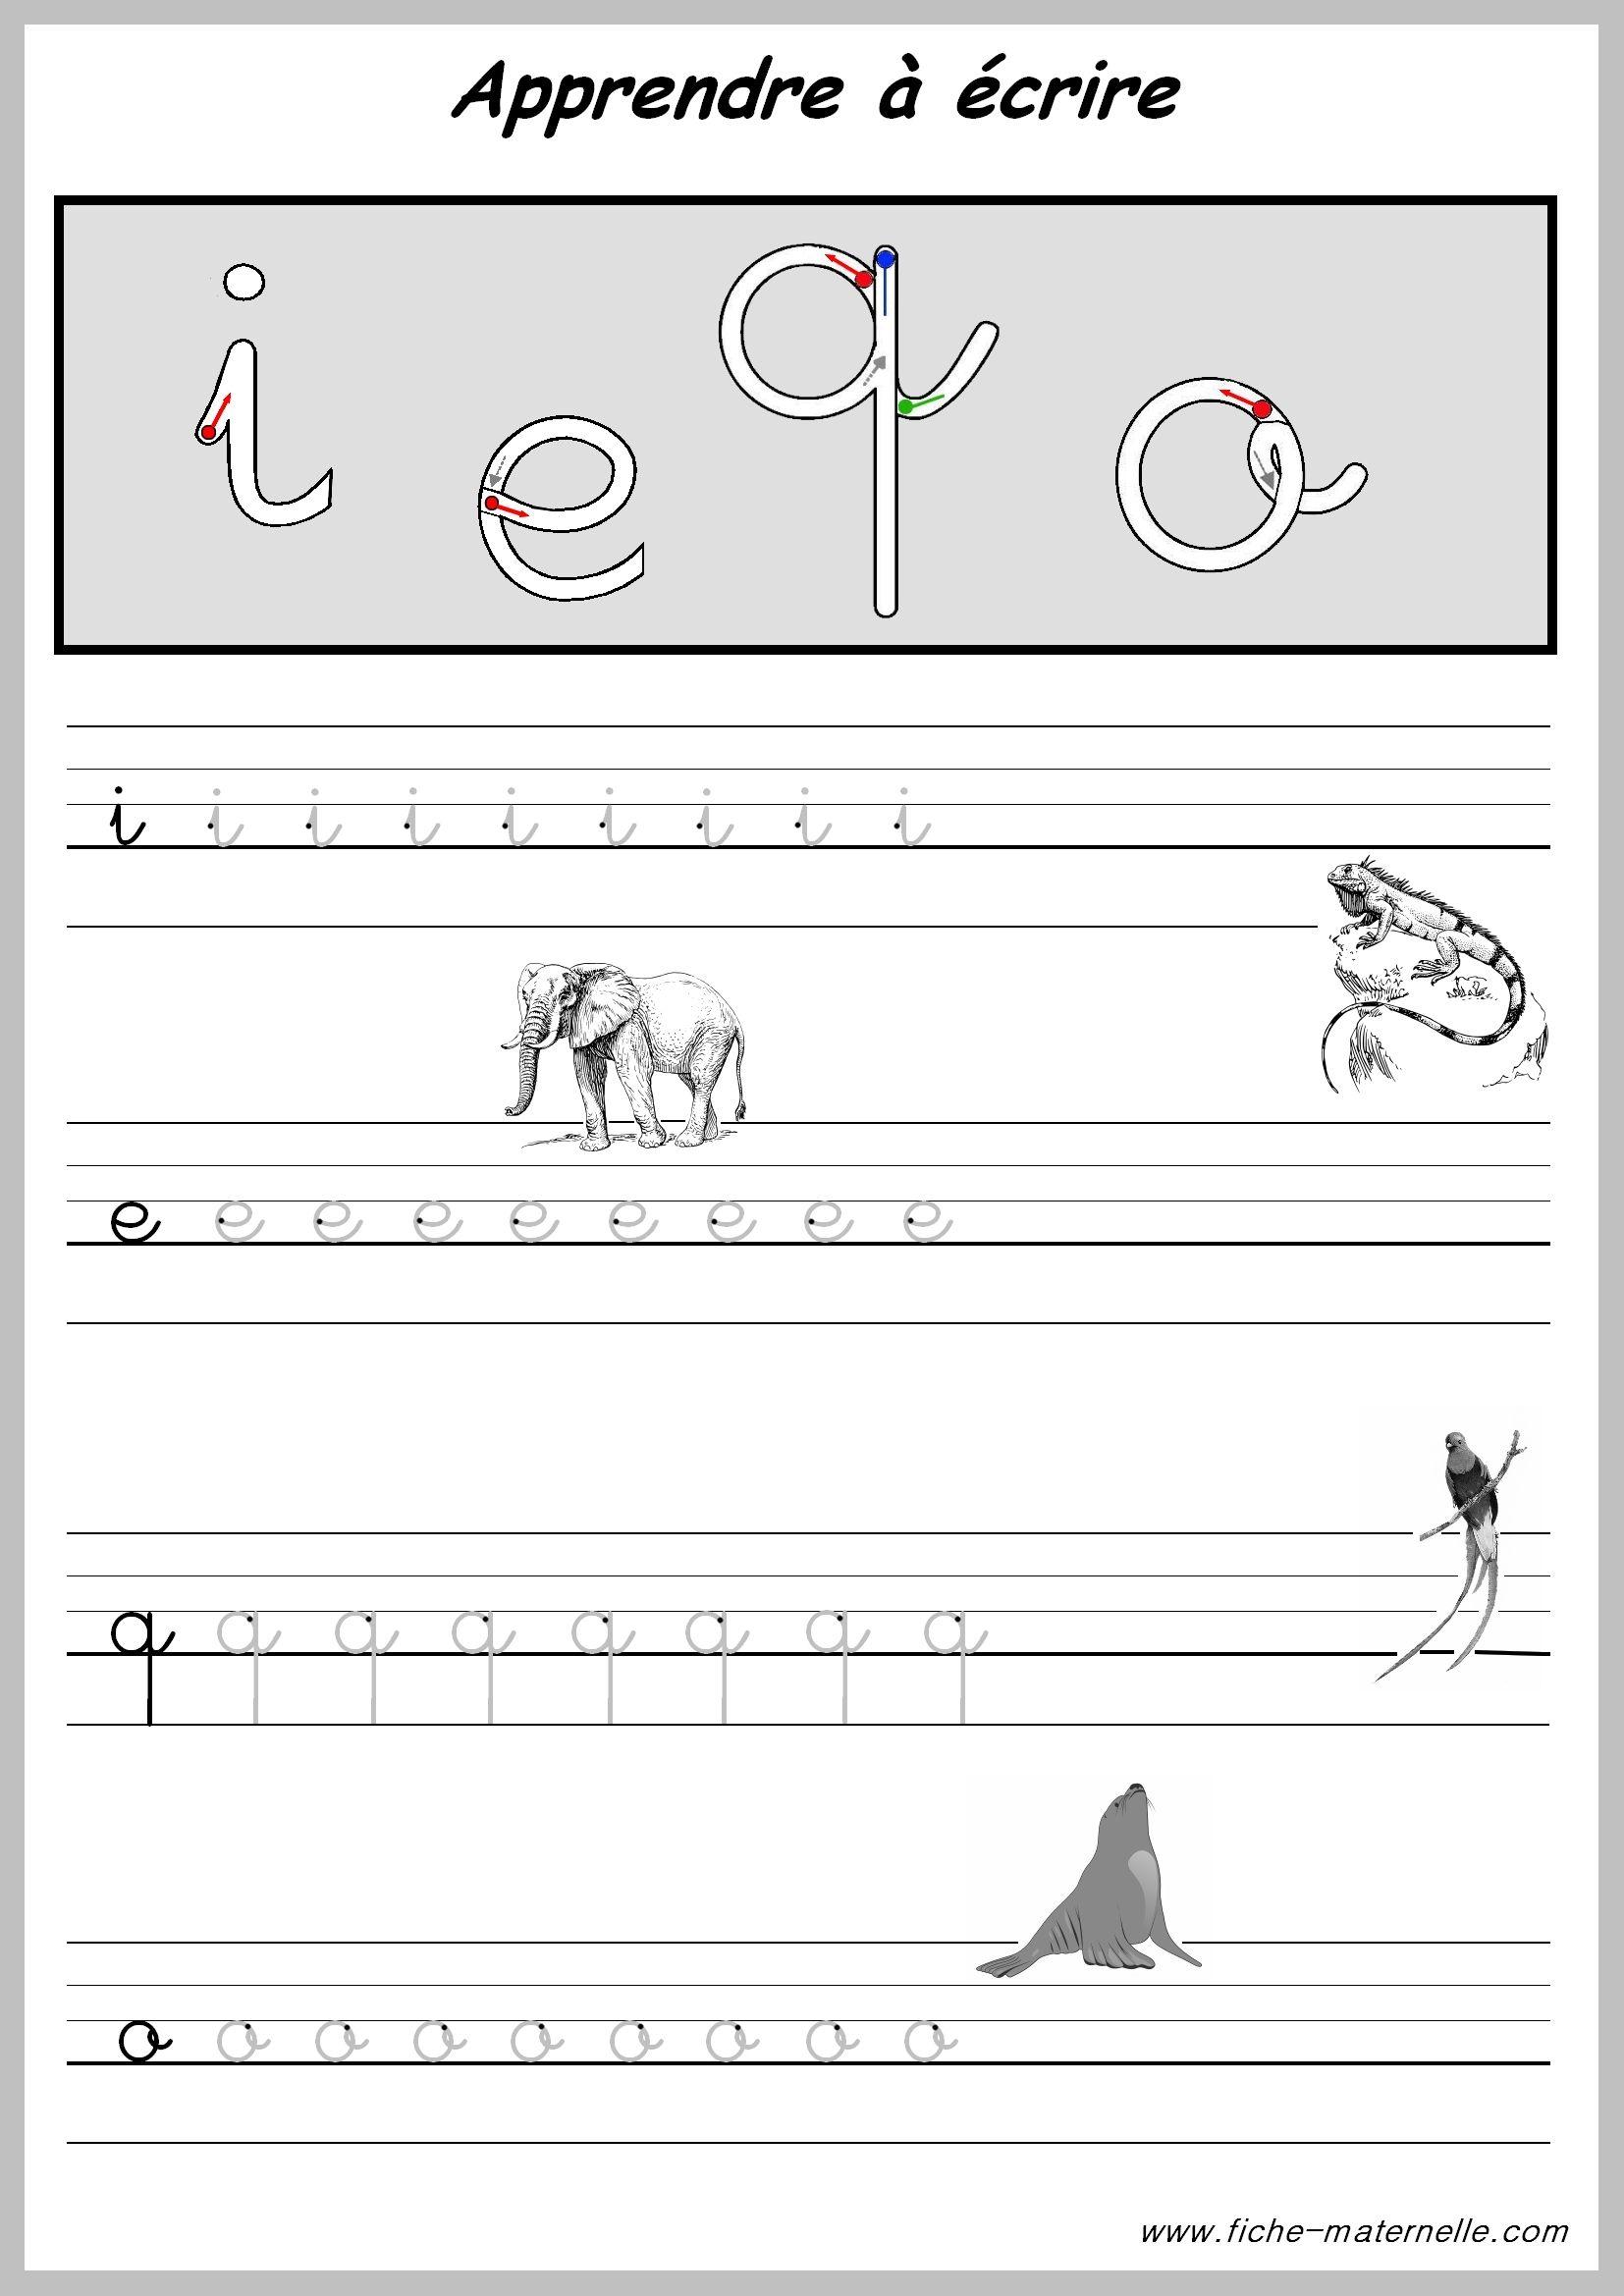 Exercices pour apprendre a ecrire enseignement - Alphabet francais maternelle ...